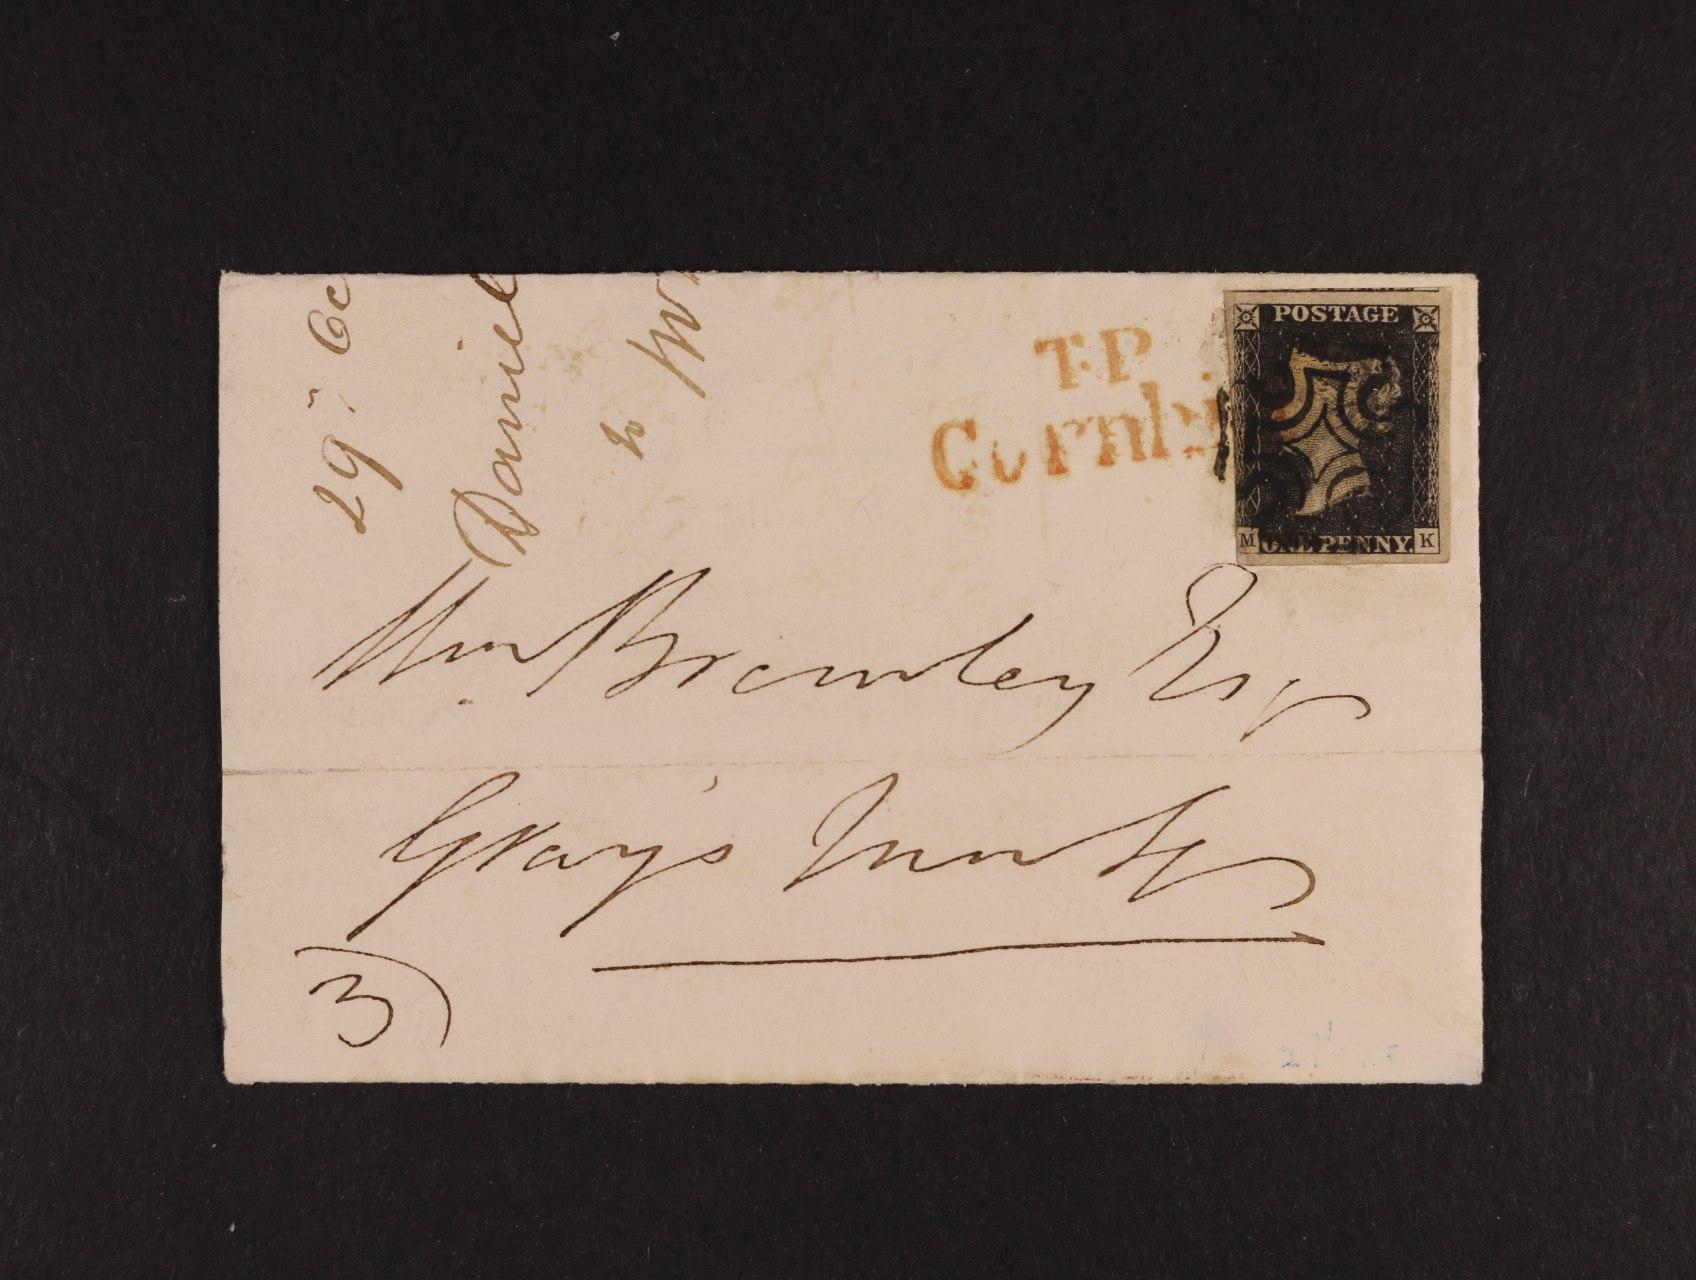 dopis z r. 1840 frank. zn. SG.1, PENNY BLACK sytě černá TD 1b, písmena M-K; zaslán v rámci Londýna 29.10.1840, s červeným předznámkovým T.P. (Two Penny) CORNHILL (londýnská pošta u Lombard Street) a tzv.